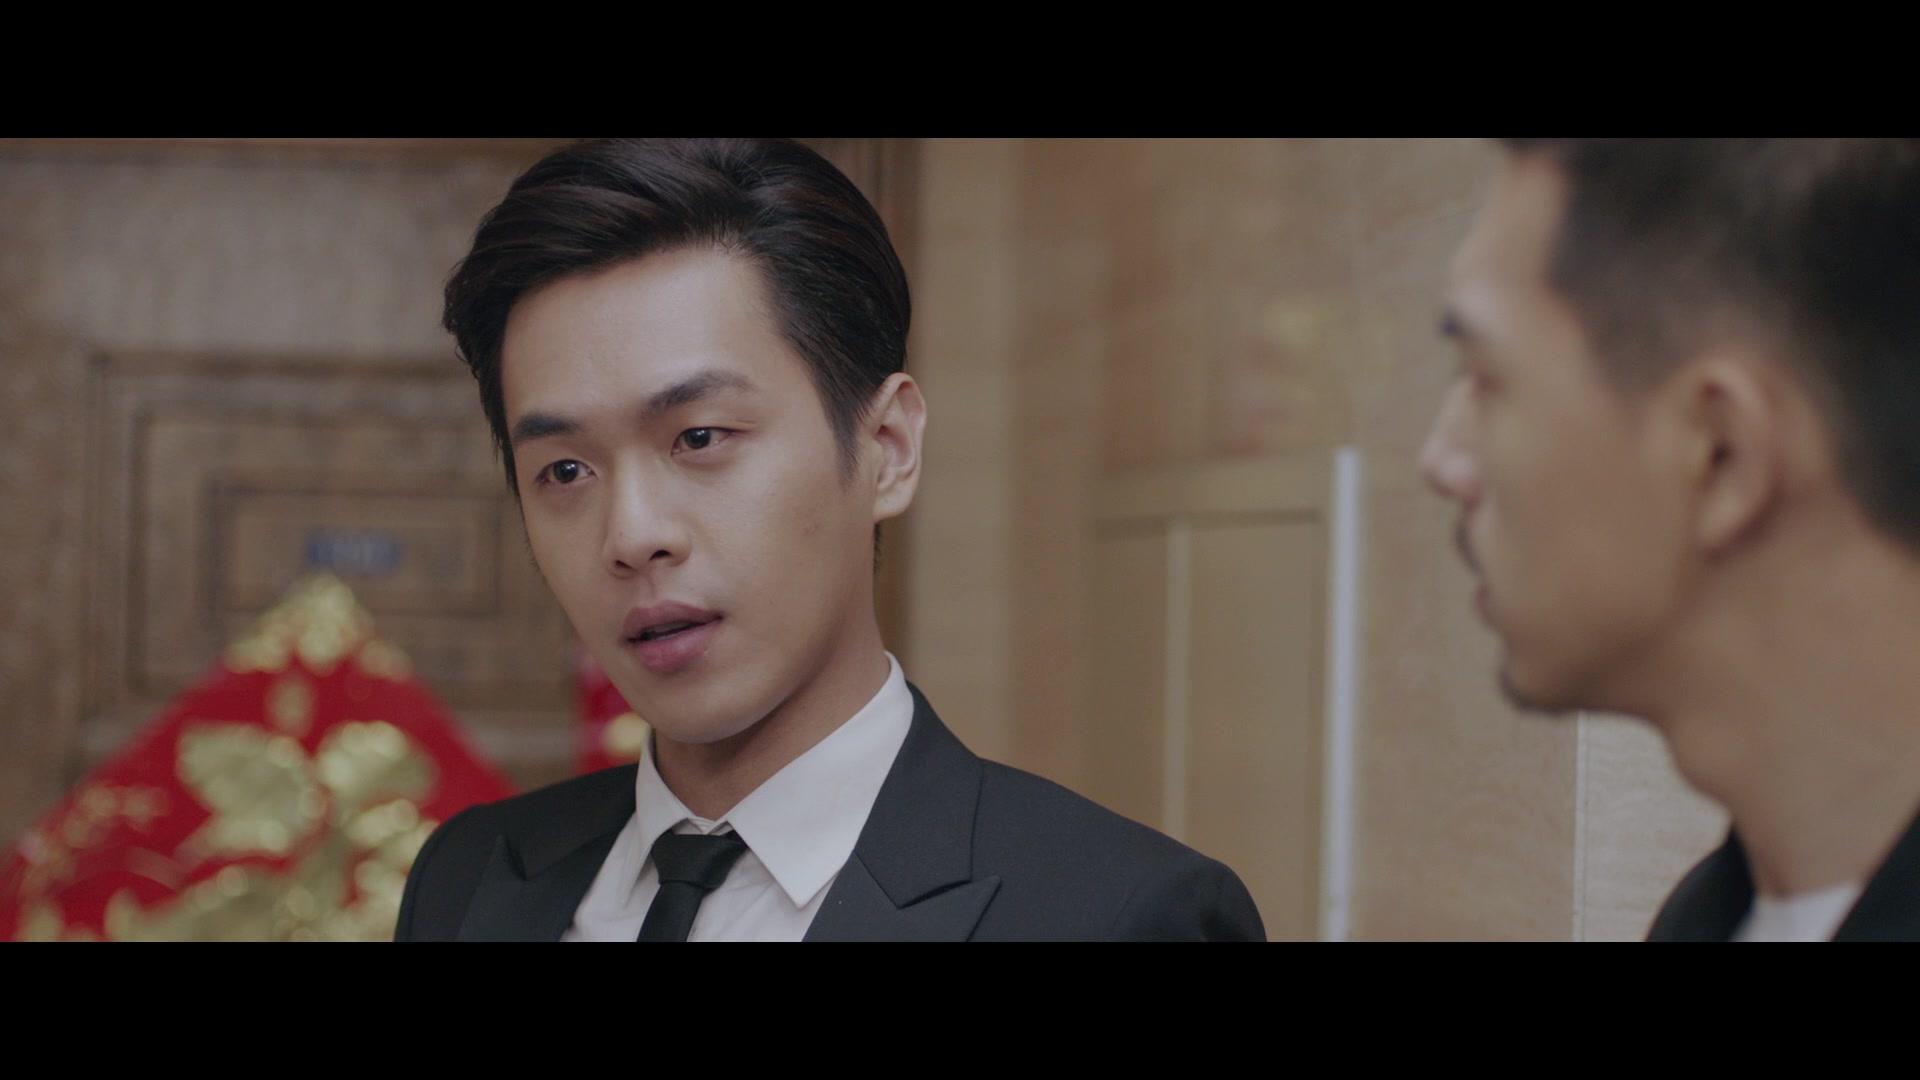 Medical Examiner: Dr. Qin Episode 2